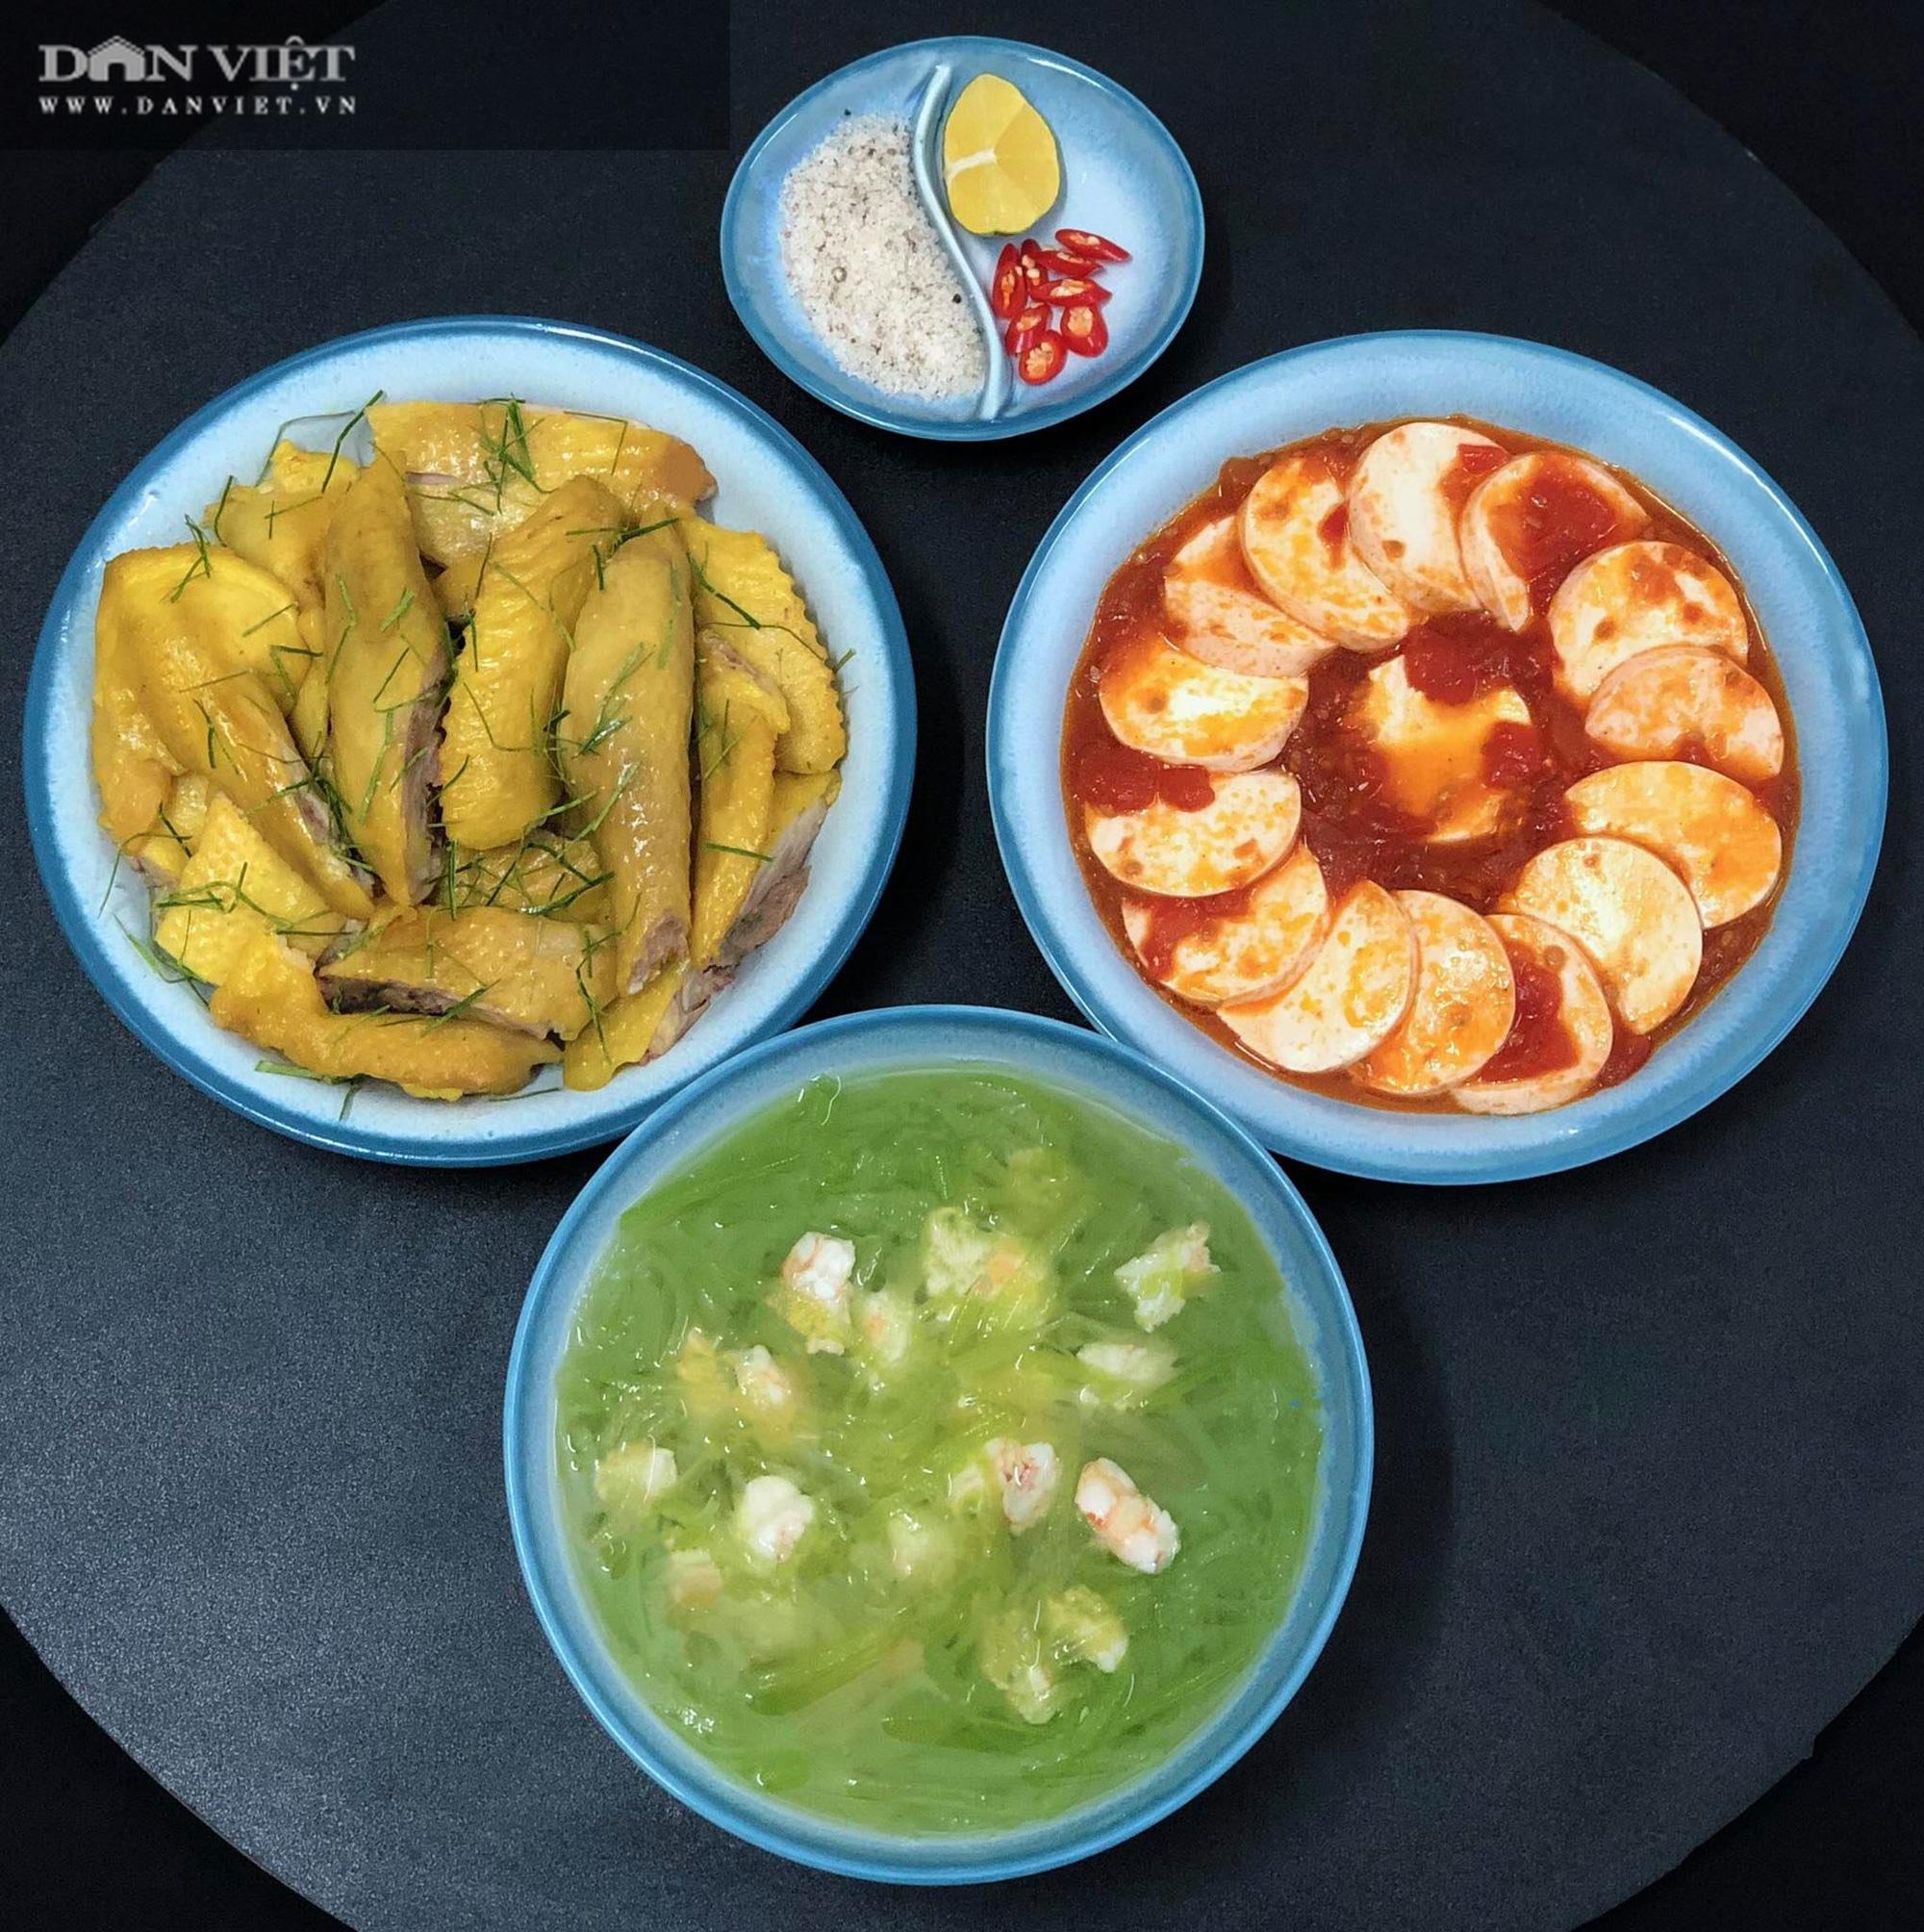 Mẹ đảm Hà thành gợi ý thực đơn cơm nhà đẹp mắt, đủ dinh dưỡng - Ảnh 2.